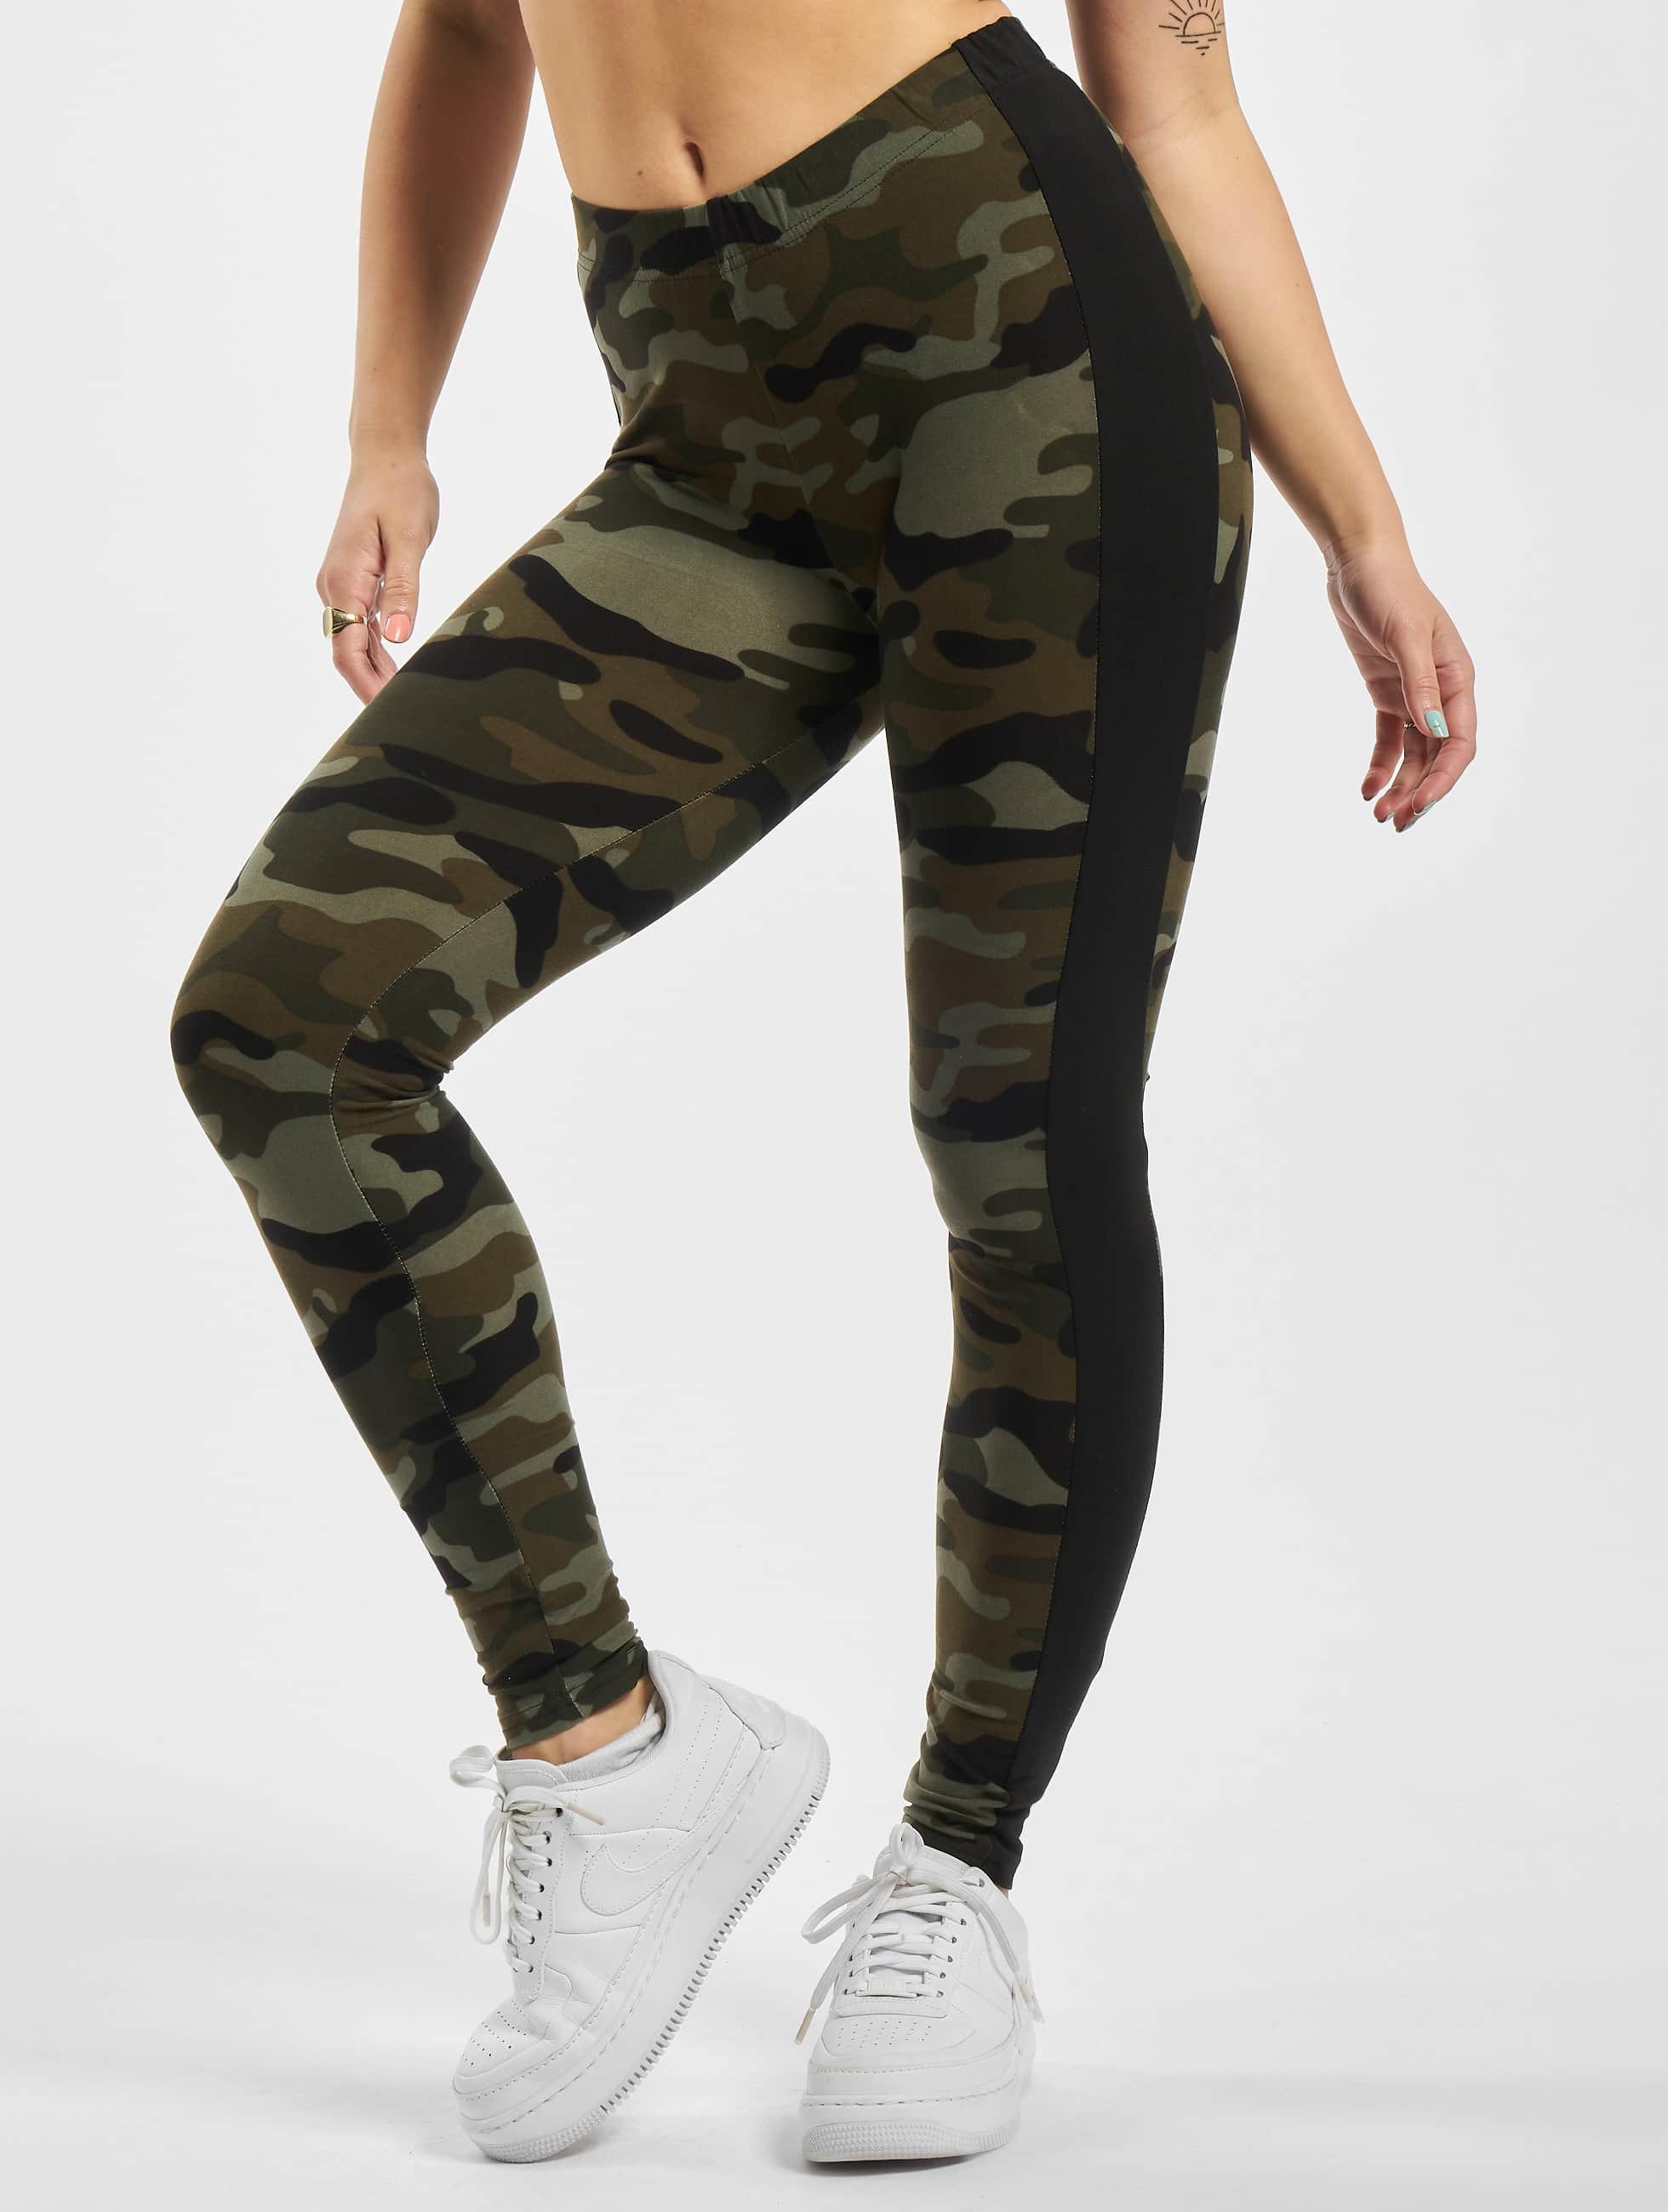 camouflage hose damen eng camouflage hose damen eng buy. Black Bedroom Furniture Sets. Home Design Ideas